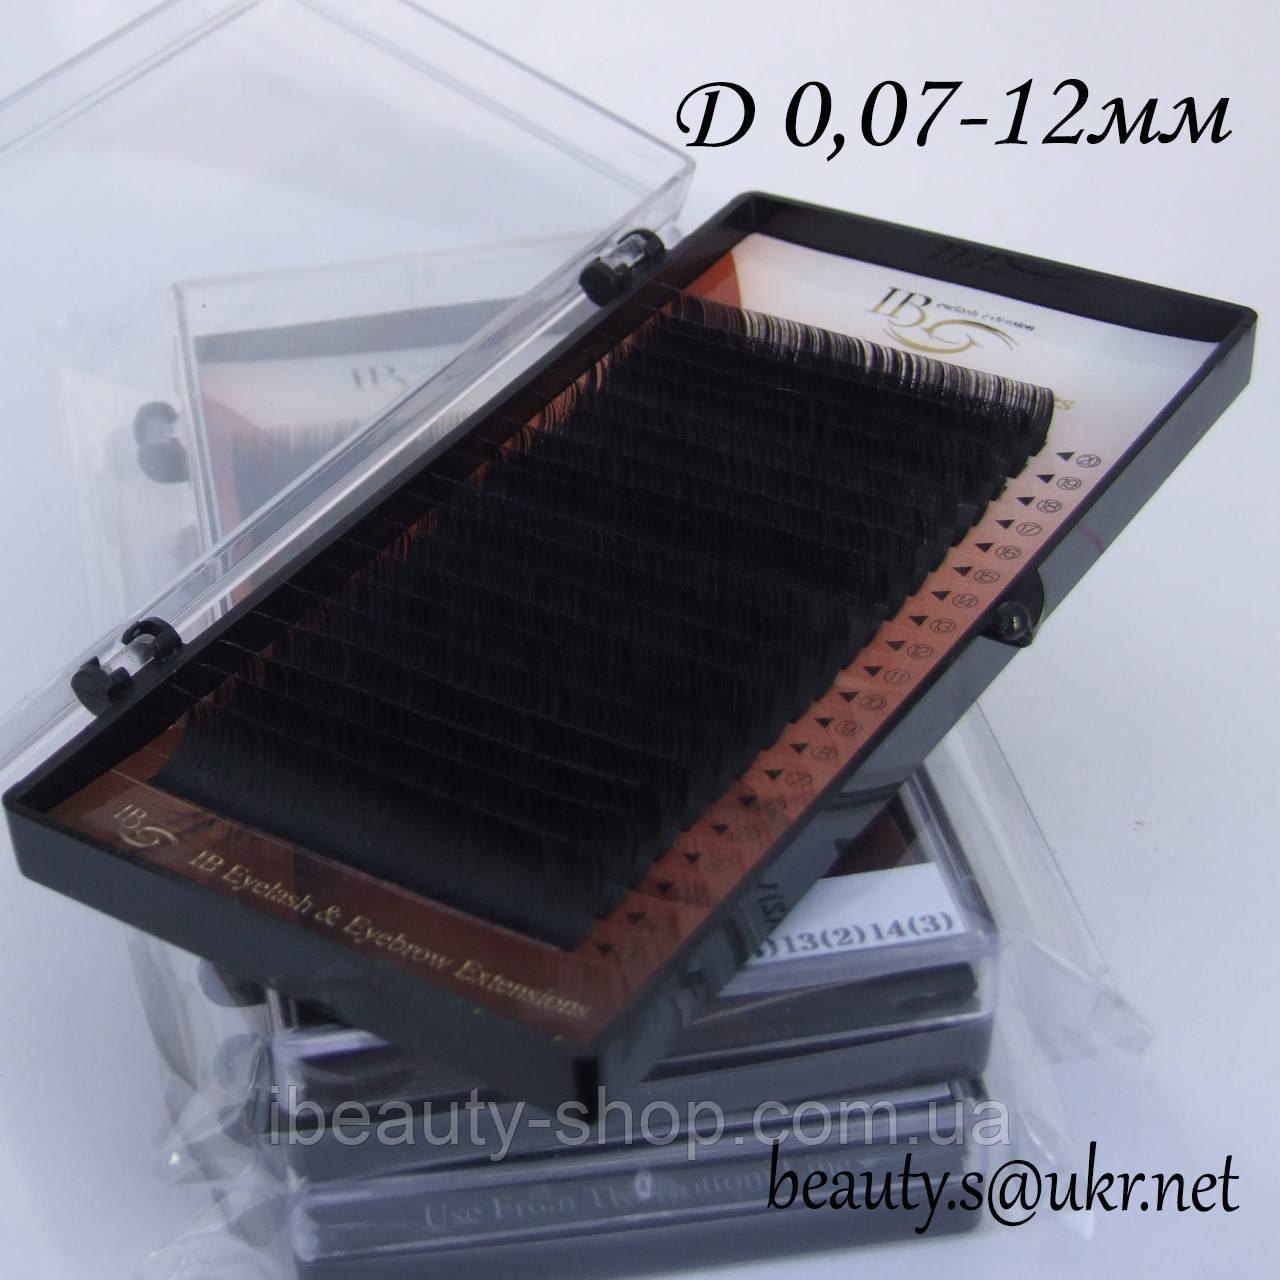 Вії I-Beauty на стрічці D-0,07 12мм